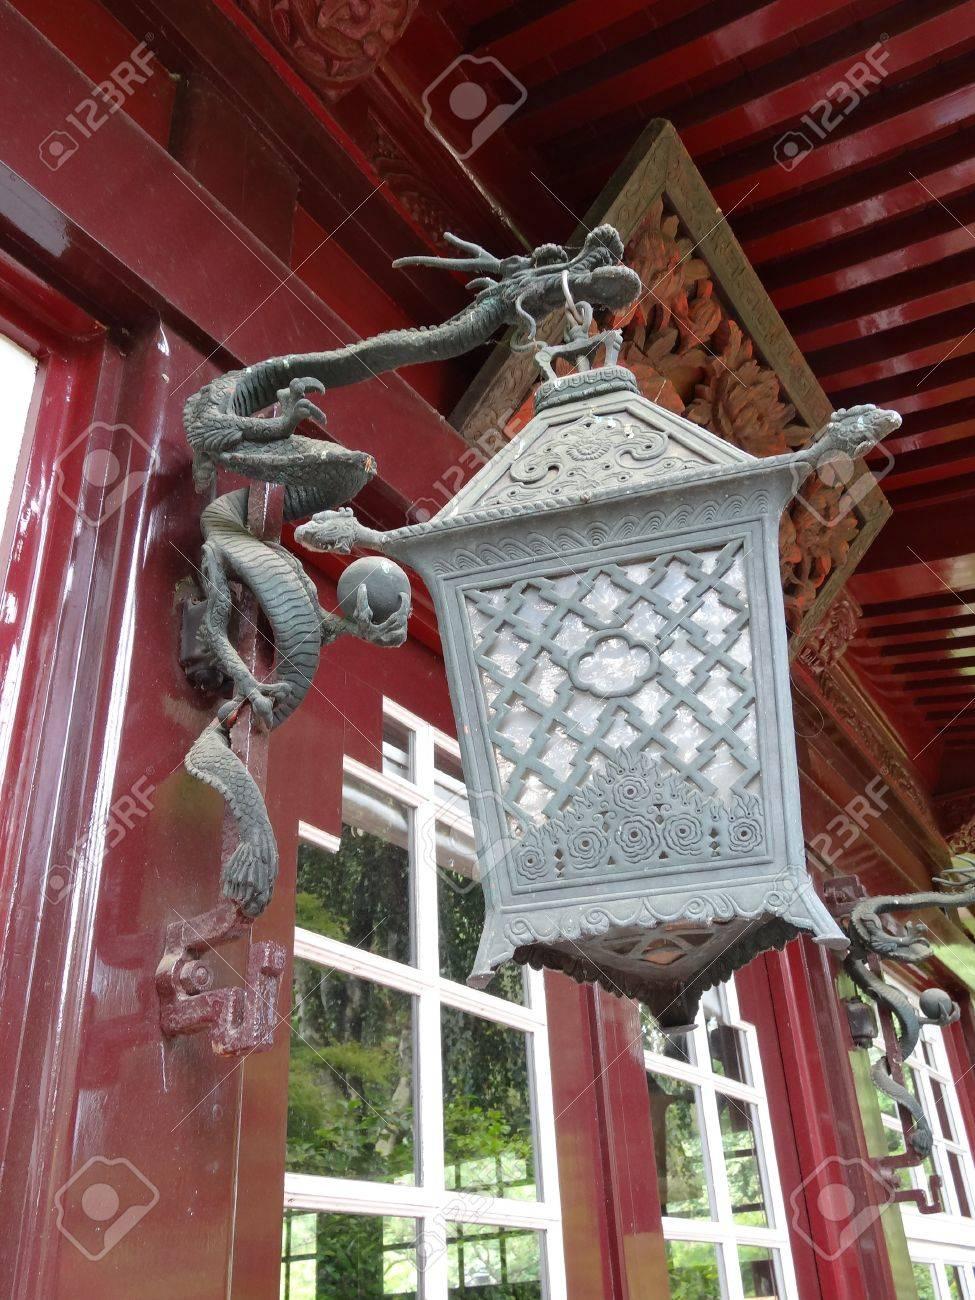 Jardin Japonais Lampe Suspendue A L Entree D Un Pavillon Banque D